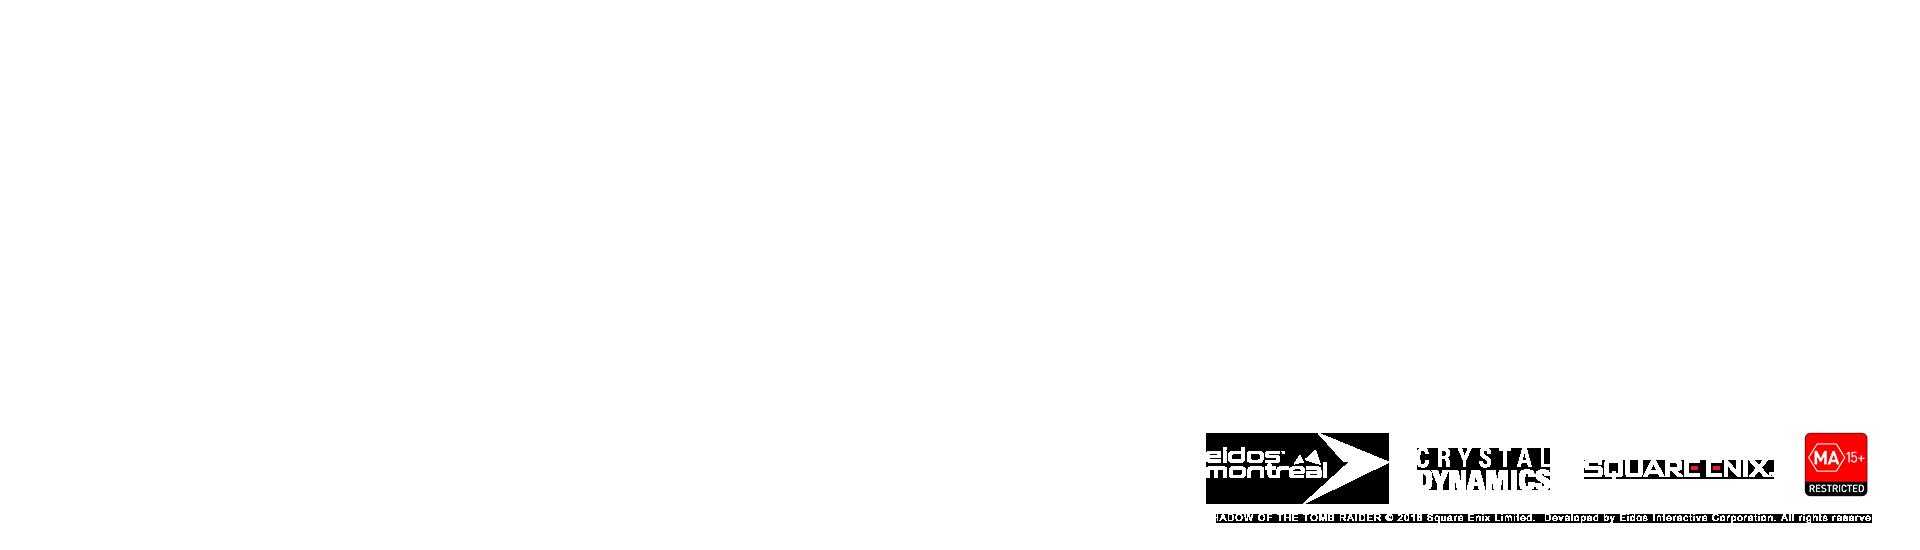 Shadow of Tomb Raider  Gaming Monitor  MSI